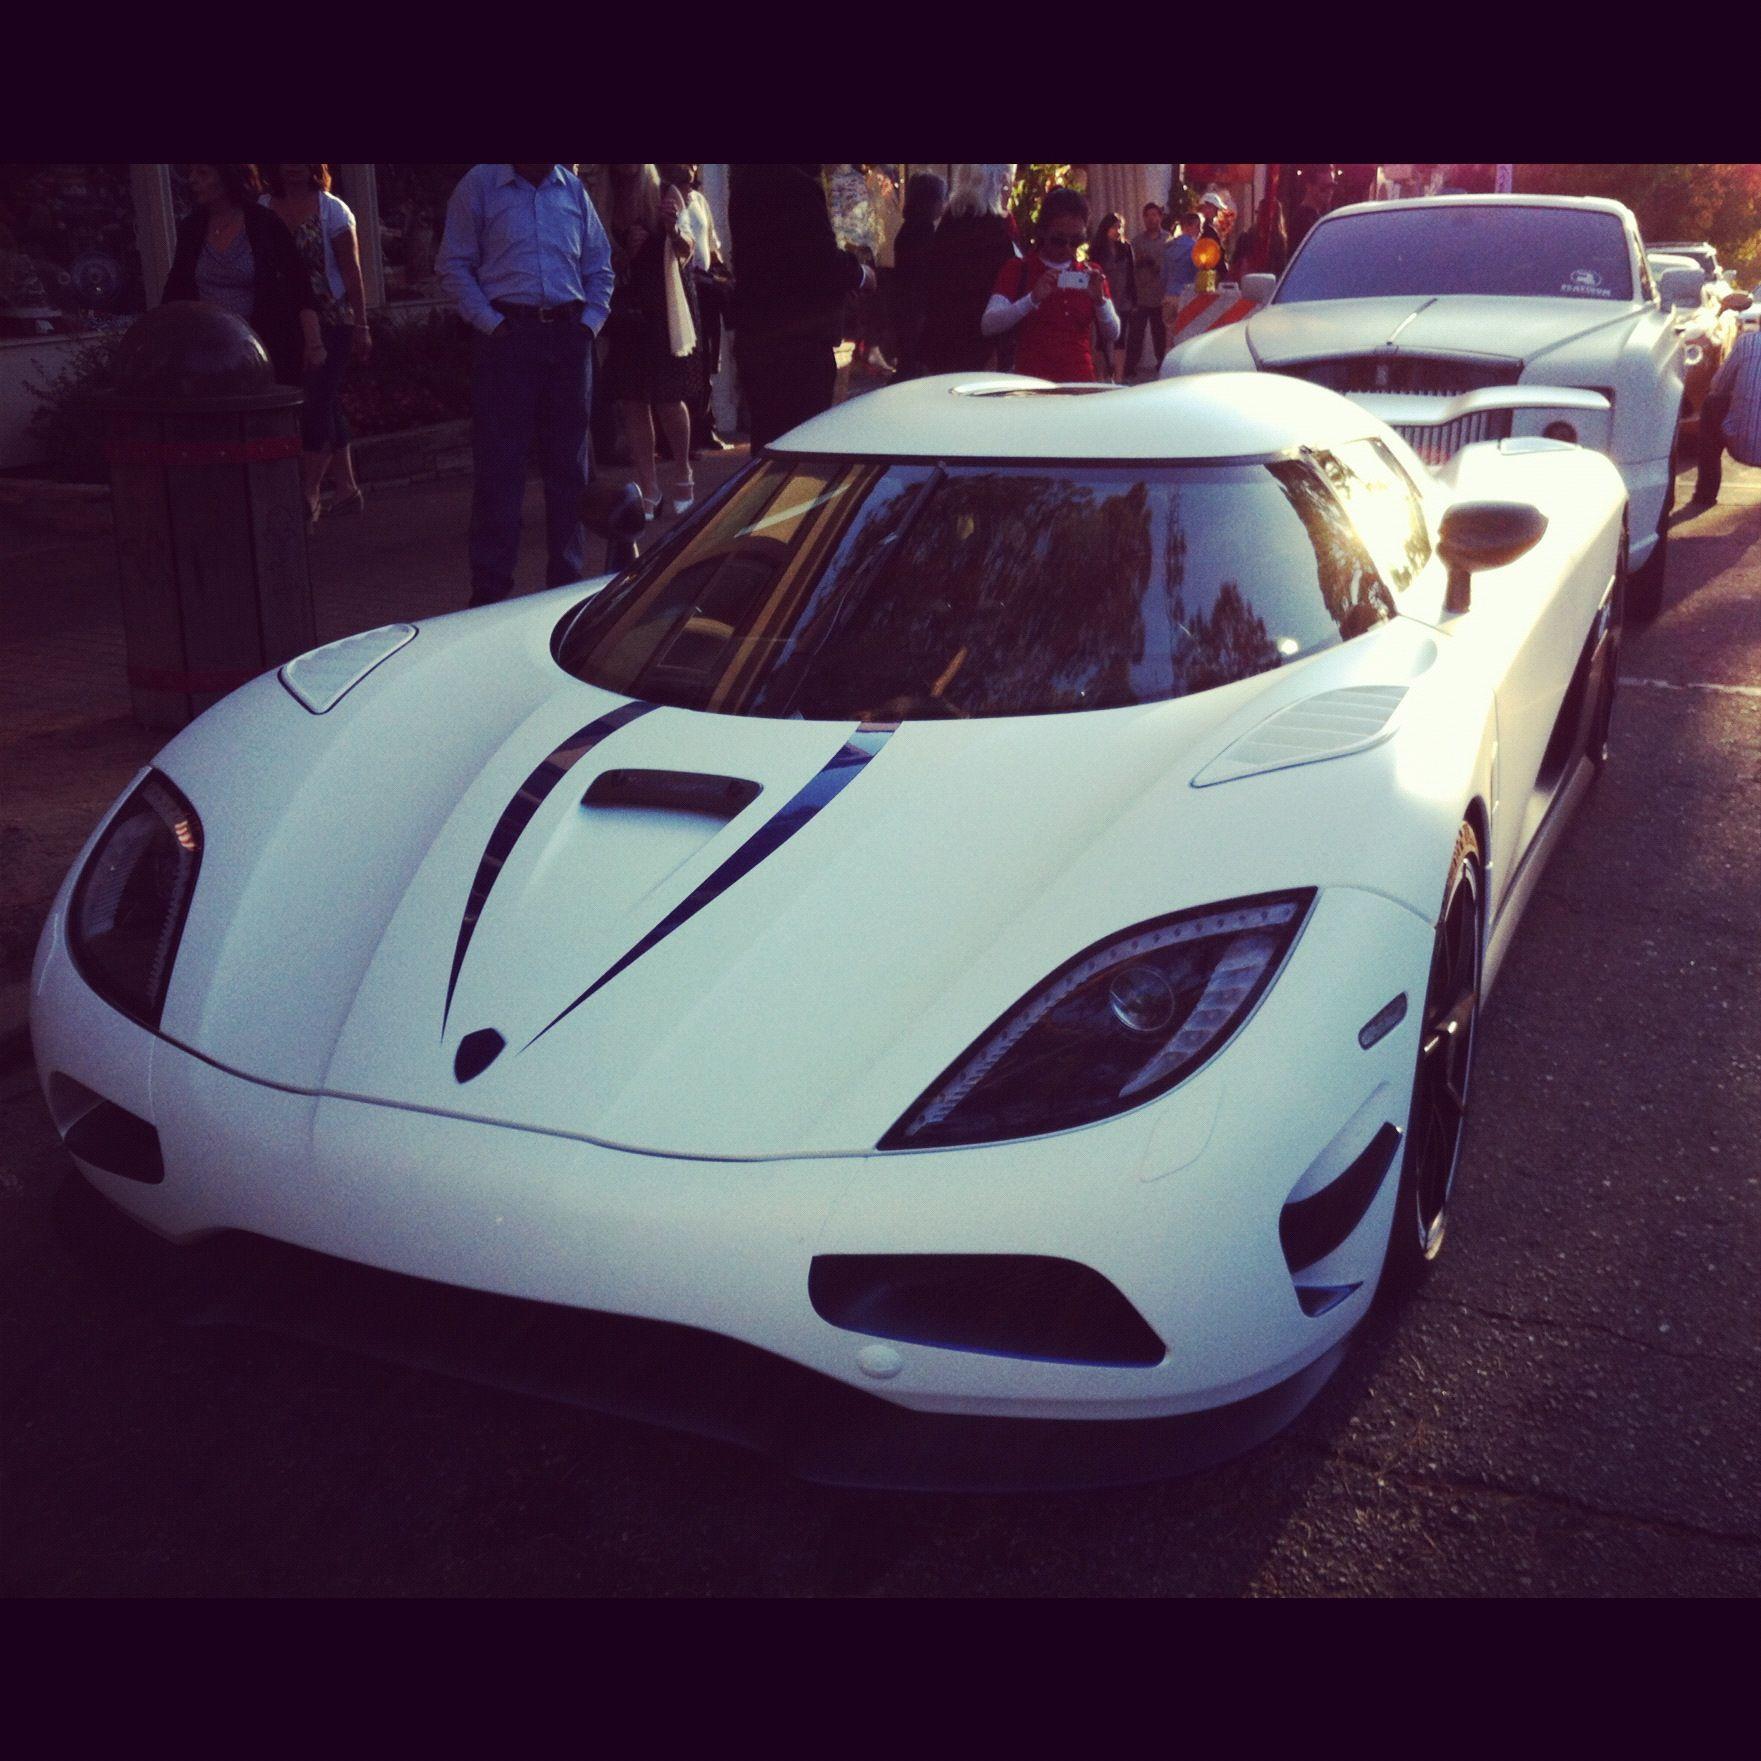 Kownifsegg Sport: Koenigsegg, Sports Car, Vehicles